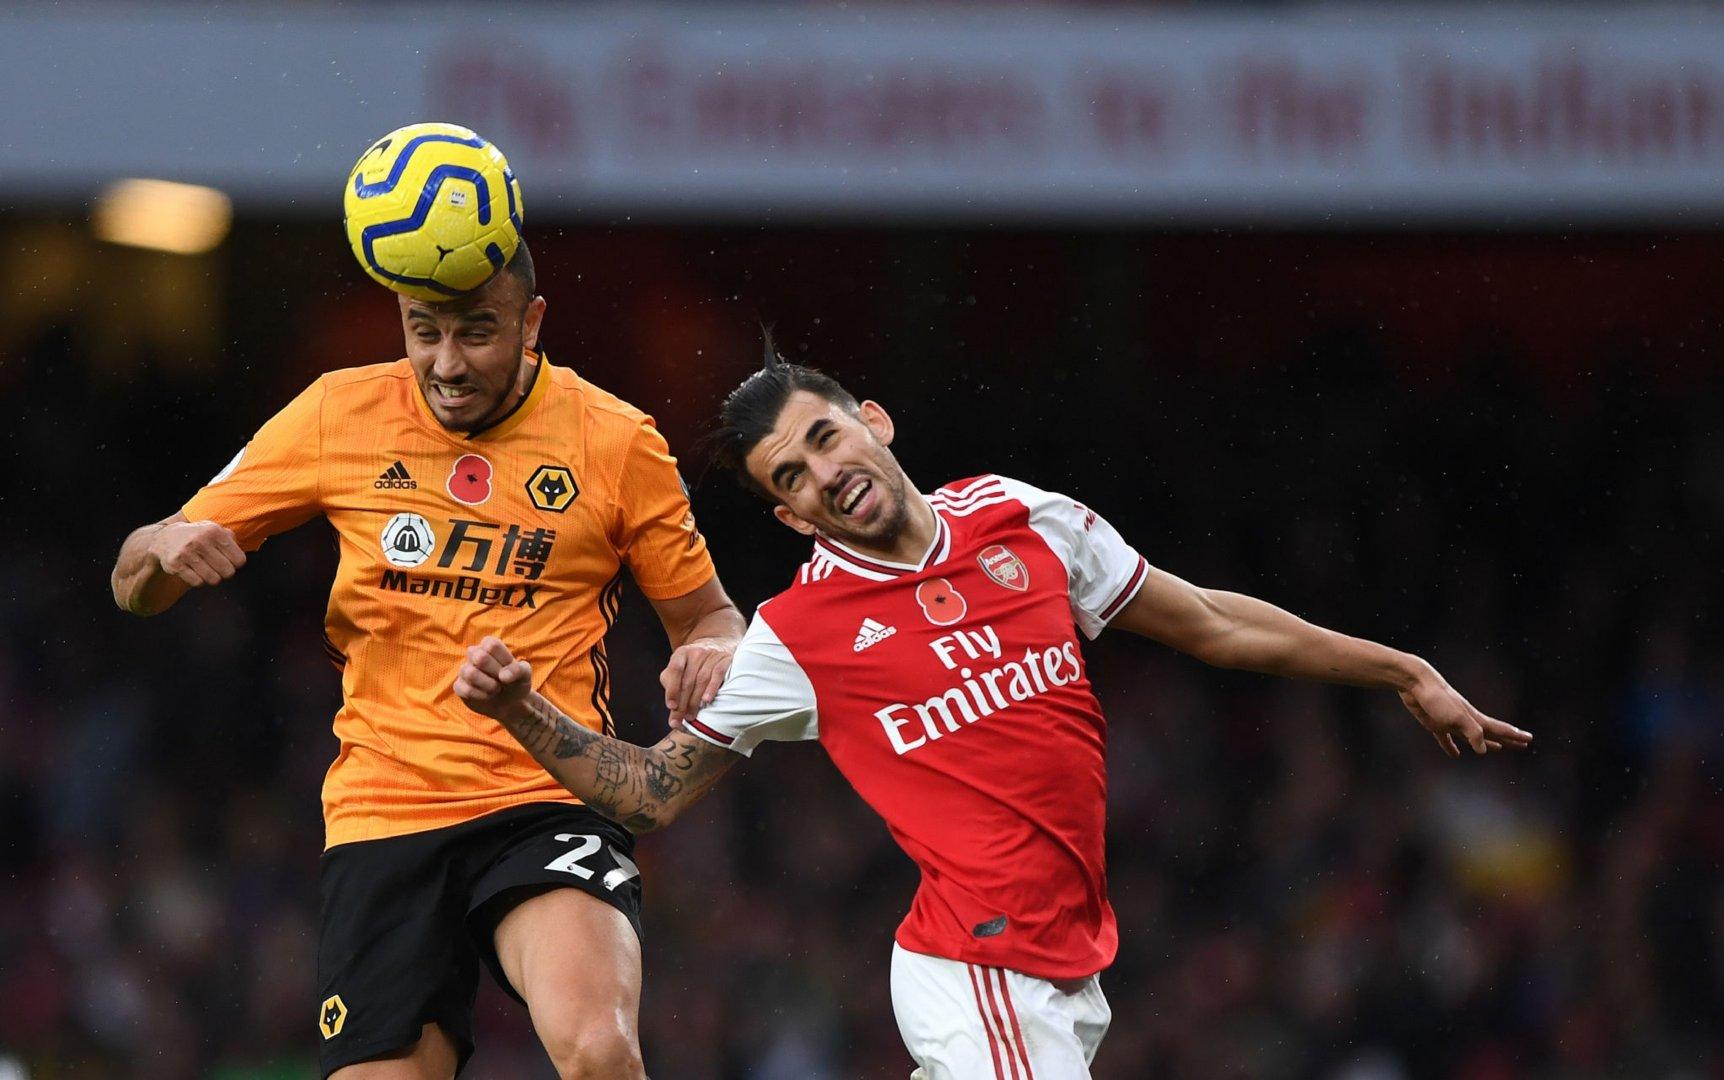 2019-2020赛季英超联赛第11轮:阿森纳1-1狼队,塞瓦略斯首发出场